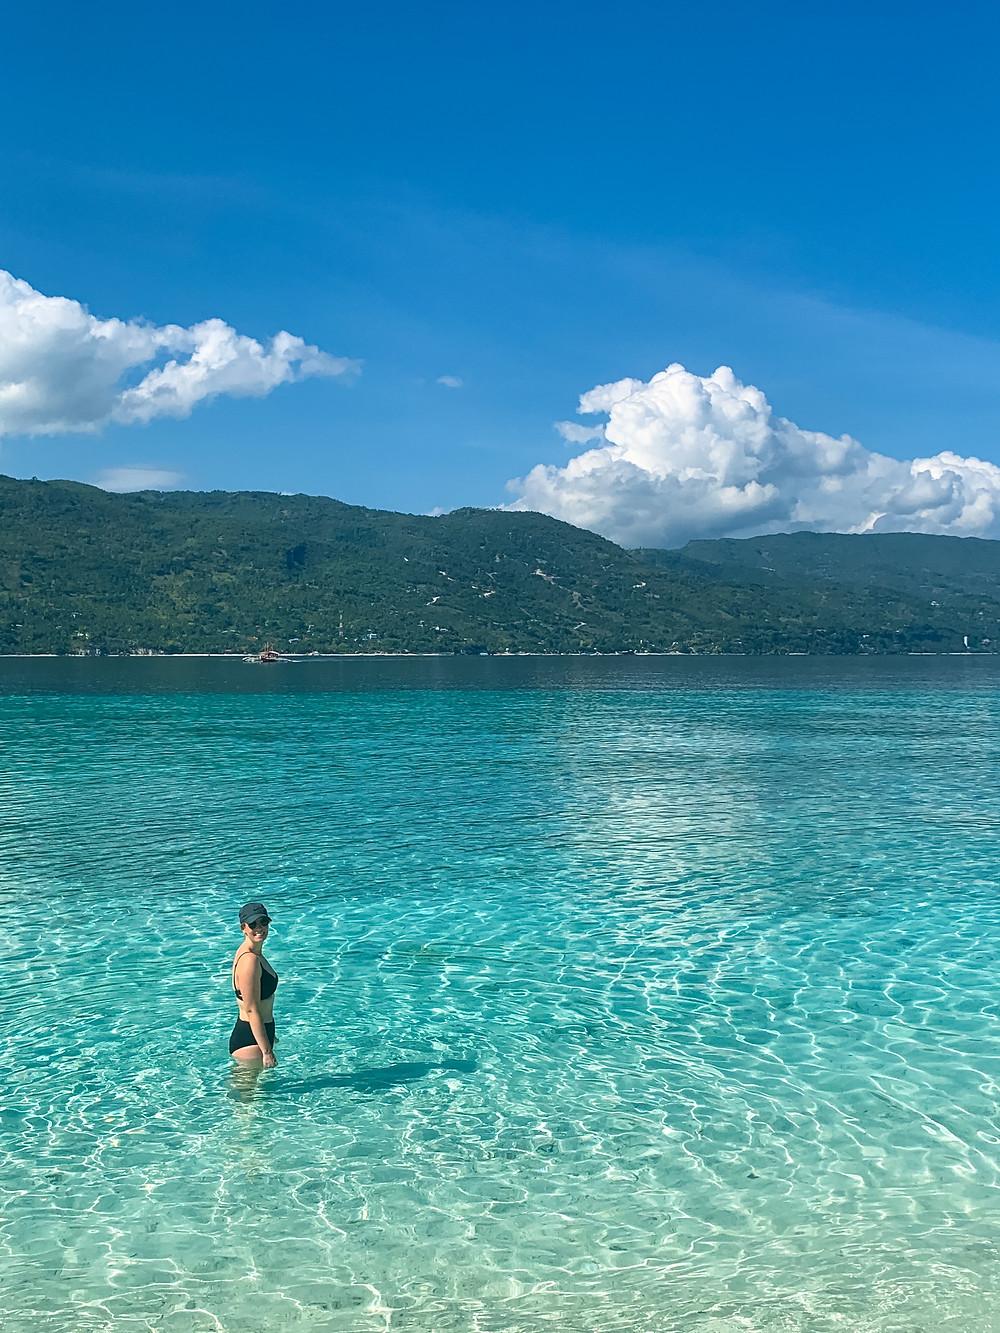 Sumilon oslob beach